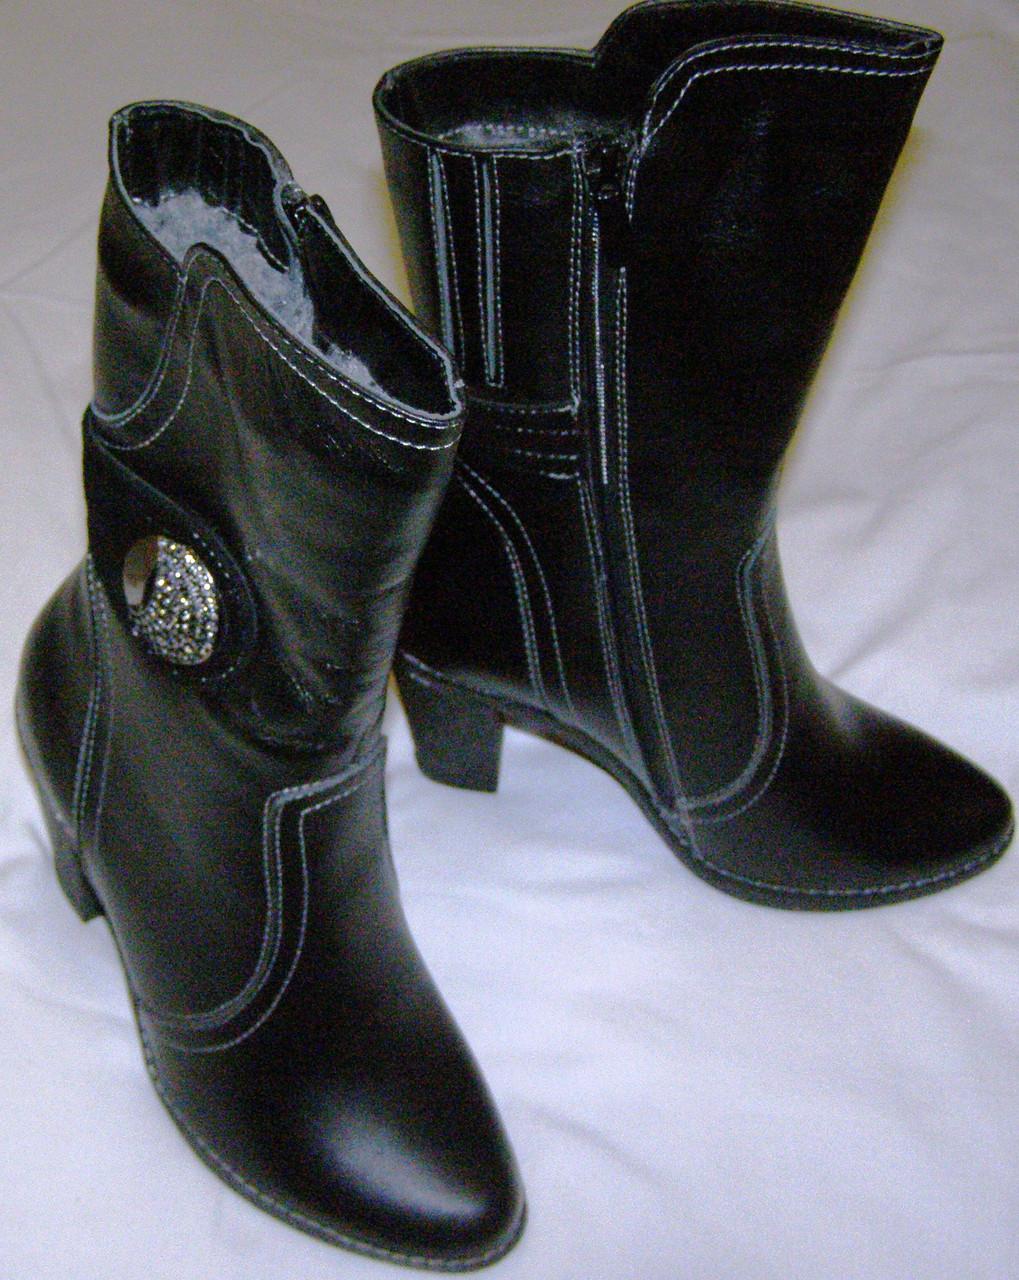 Сапоги женские зимние кожаные 36 размер, цена 955 грн., купить в ... 31e43ee65bf